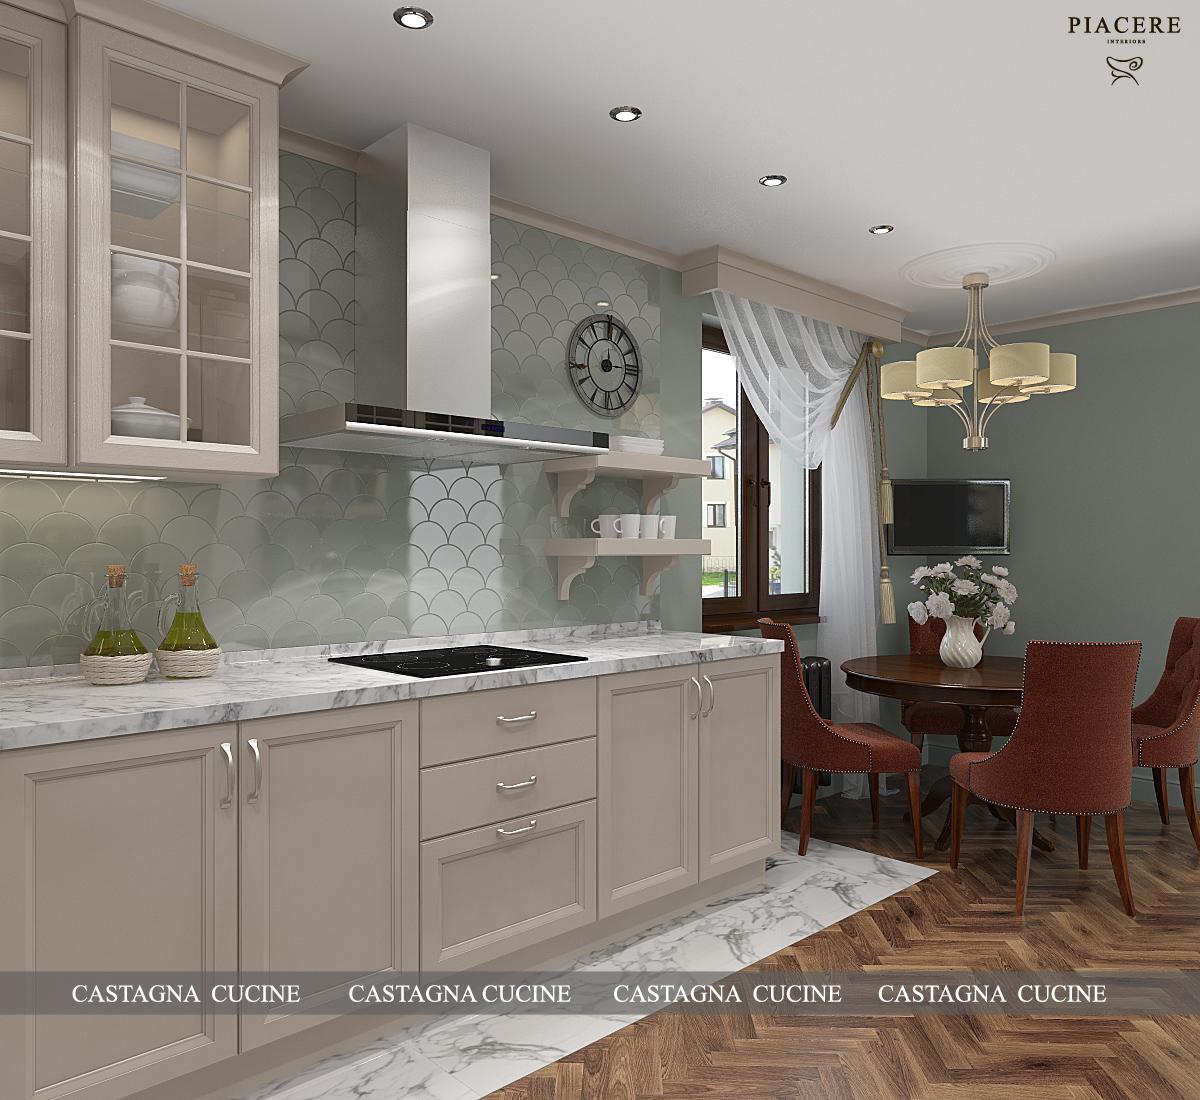 _SSCH2014_09_03_kitchen_v2_VRayPhysicalCamera005